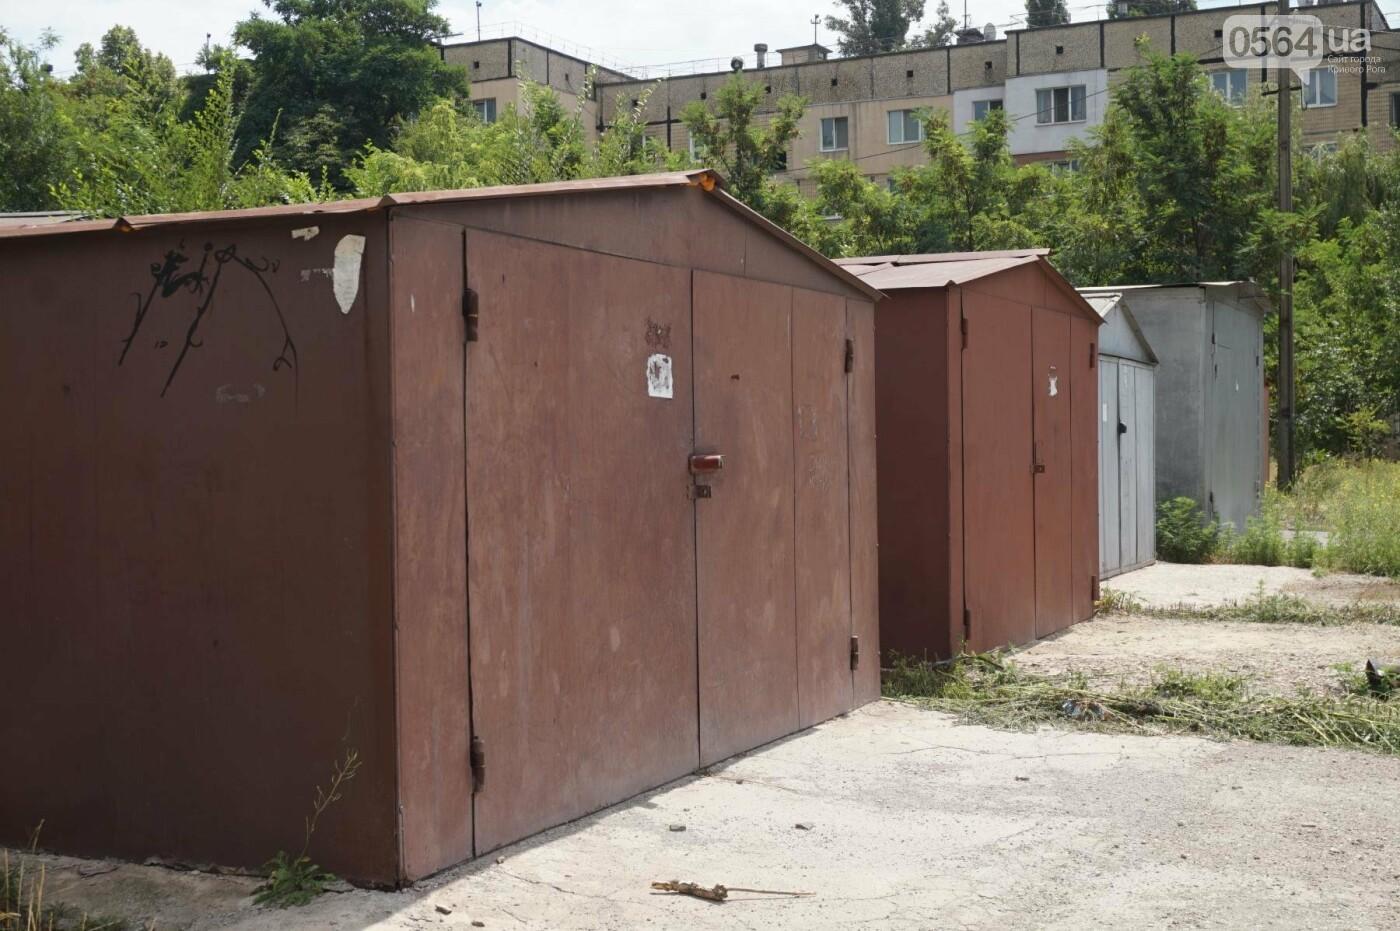 """""""Поле чудес"""": криворожане не могут добиться помощи властей, чтобы снести незаконные постройки и создать сквер, - ФОТО, фото-19"""